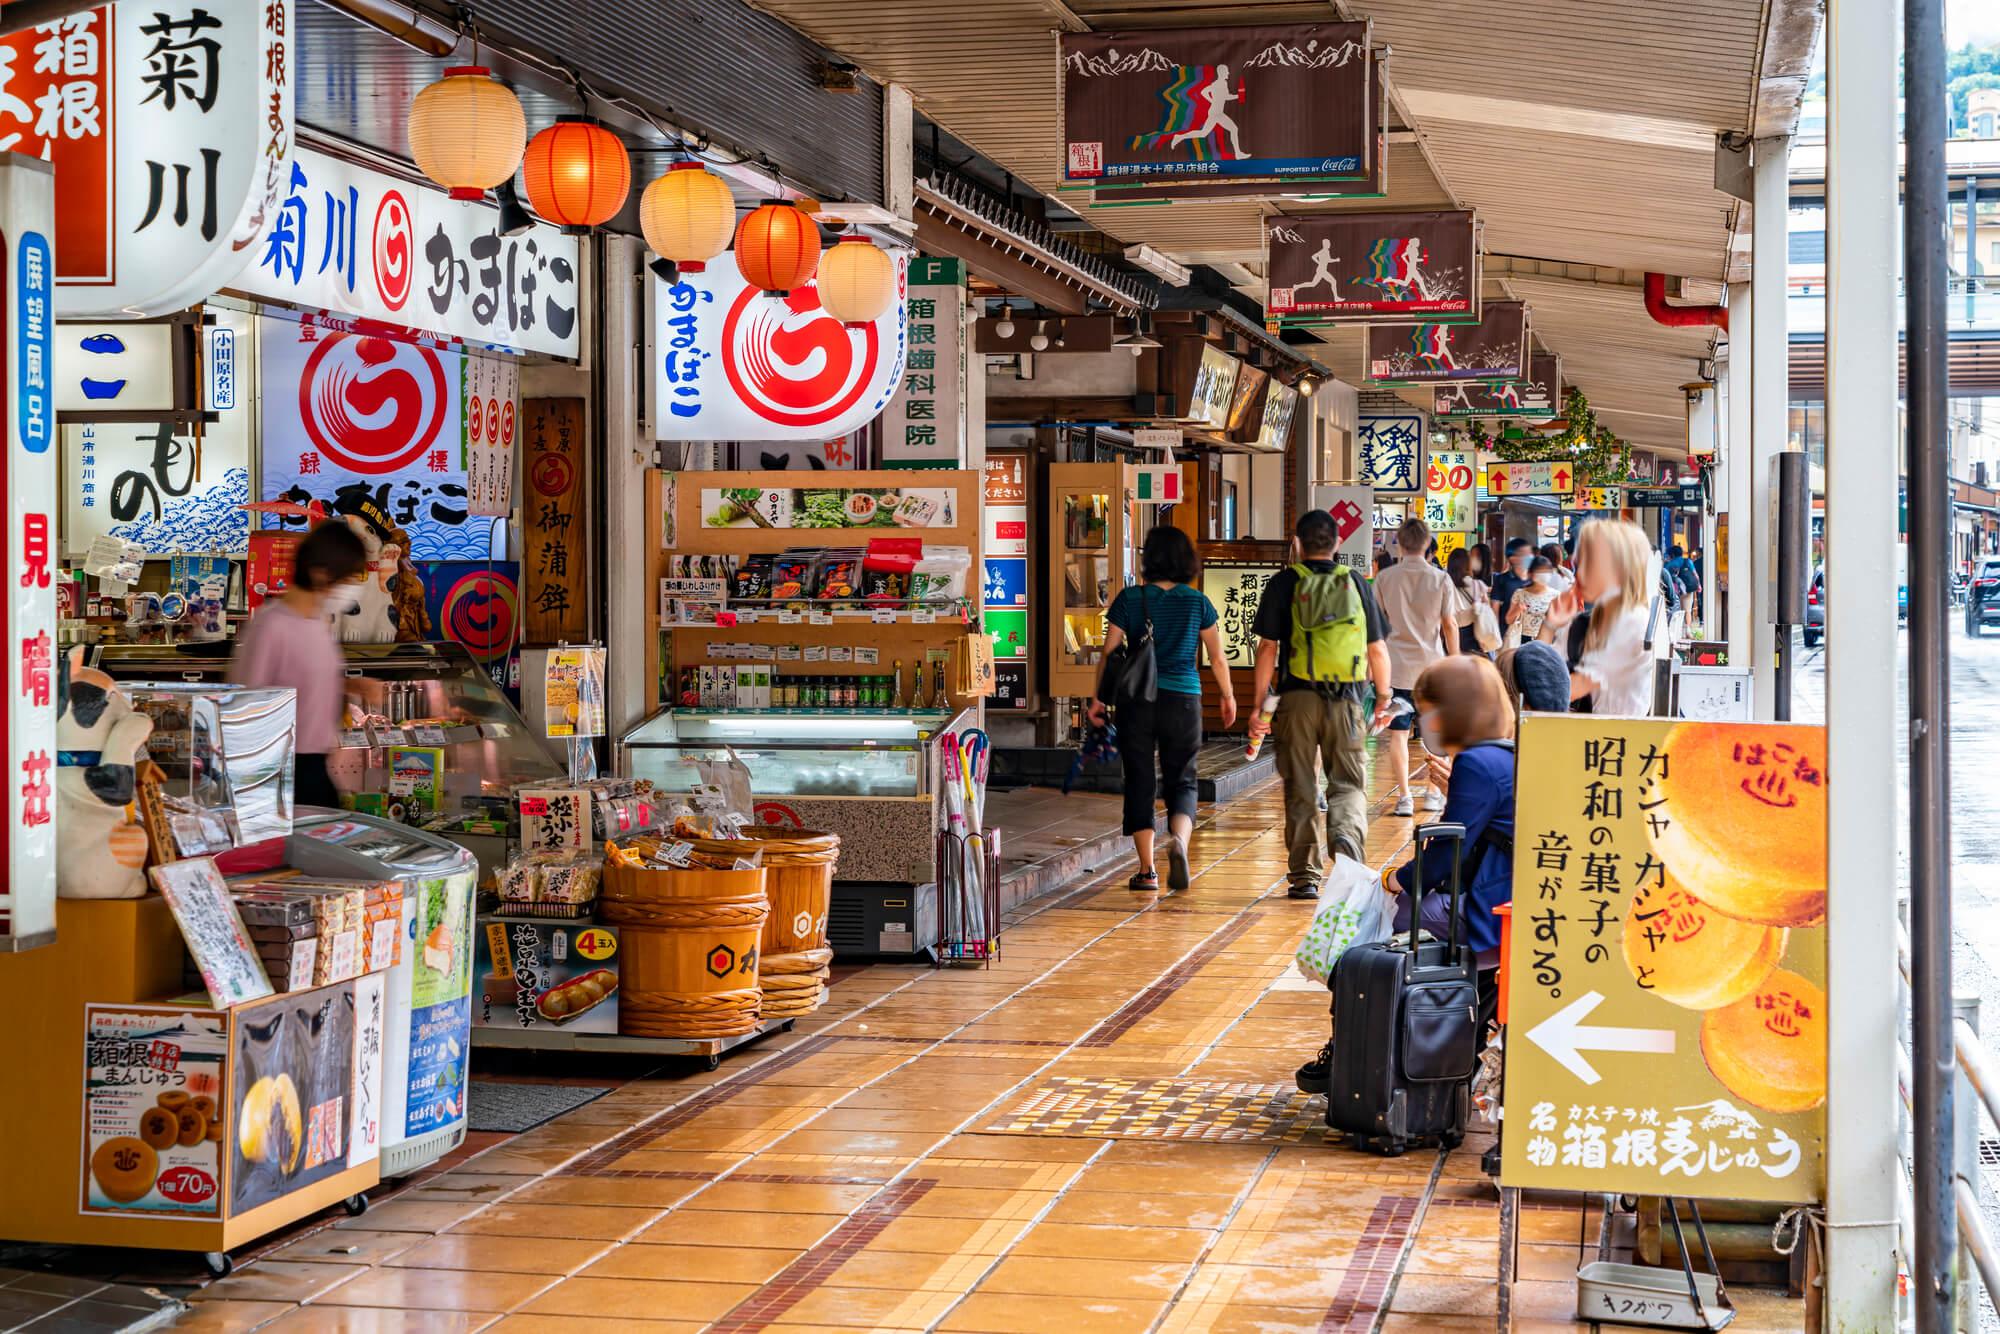 箱根湯本でイチオシのお土産を紹介